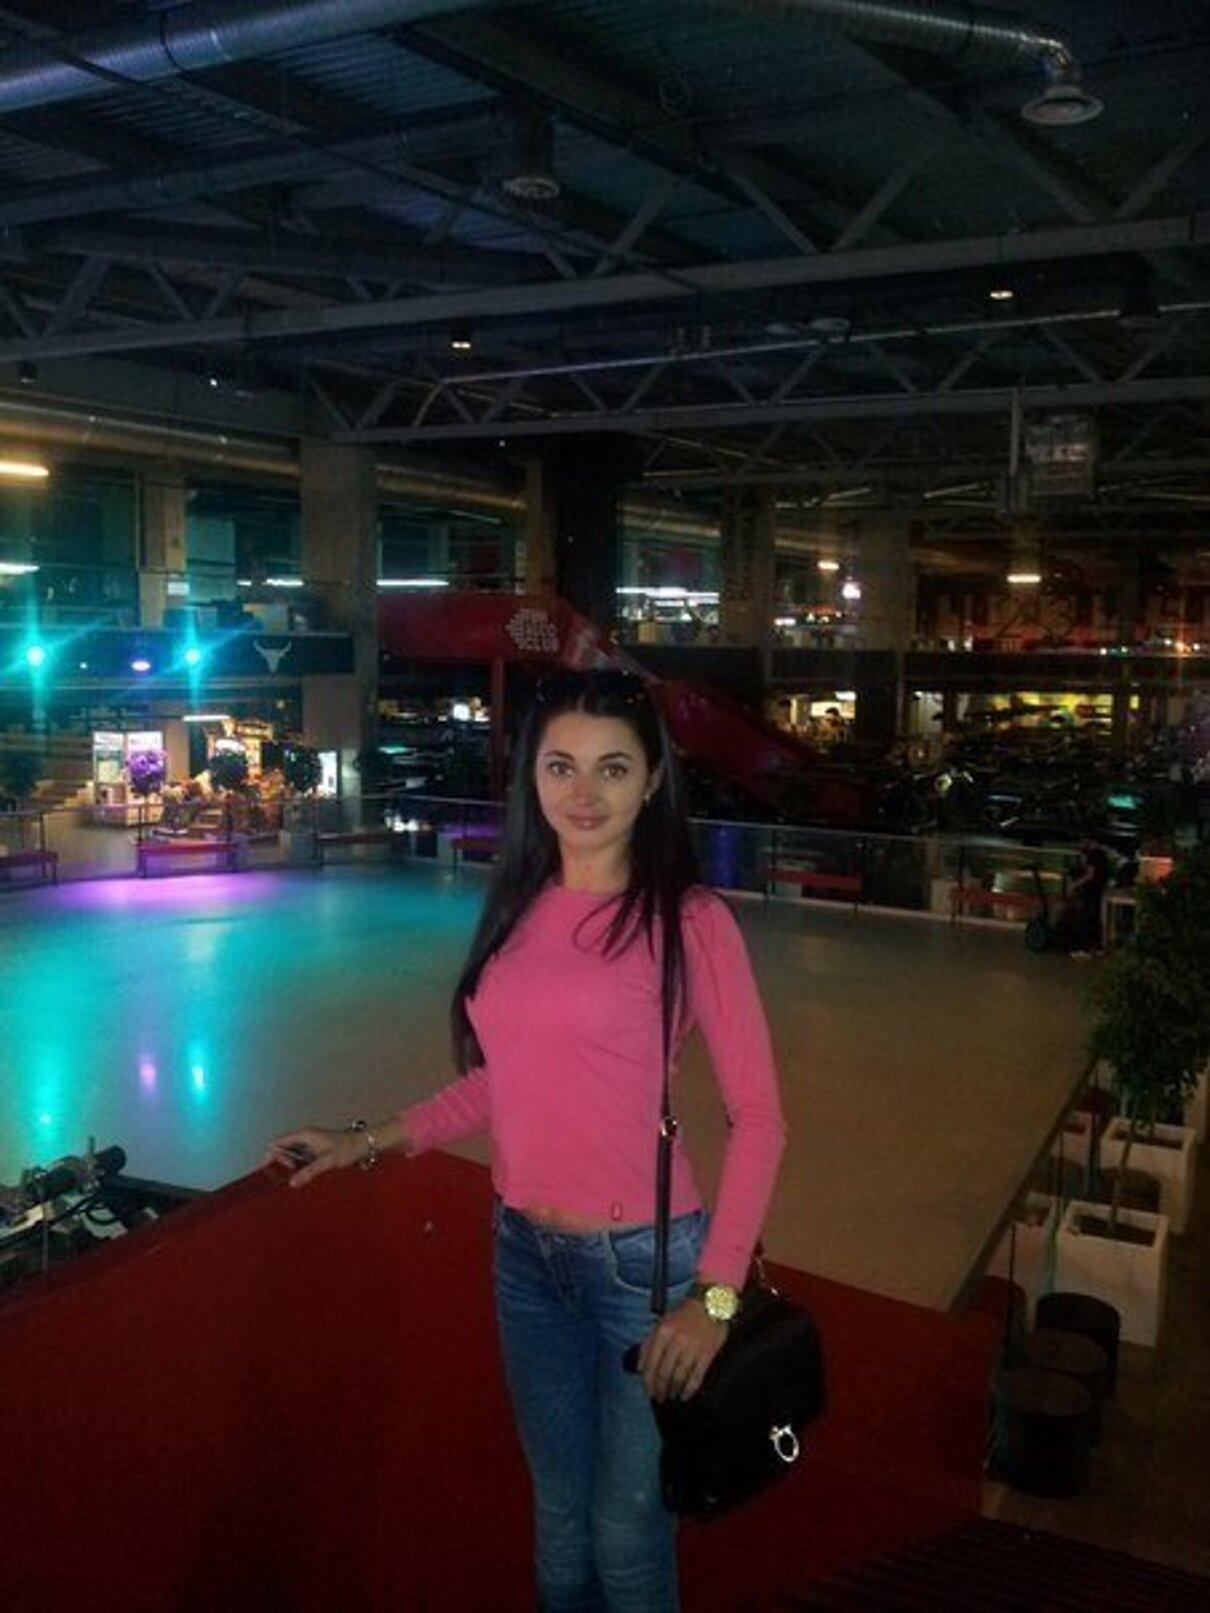 Жалоба-отзыв: Татьяна 26 лет Санкт-Петербург - Мошенница.  Фото №2